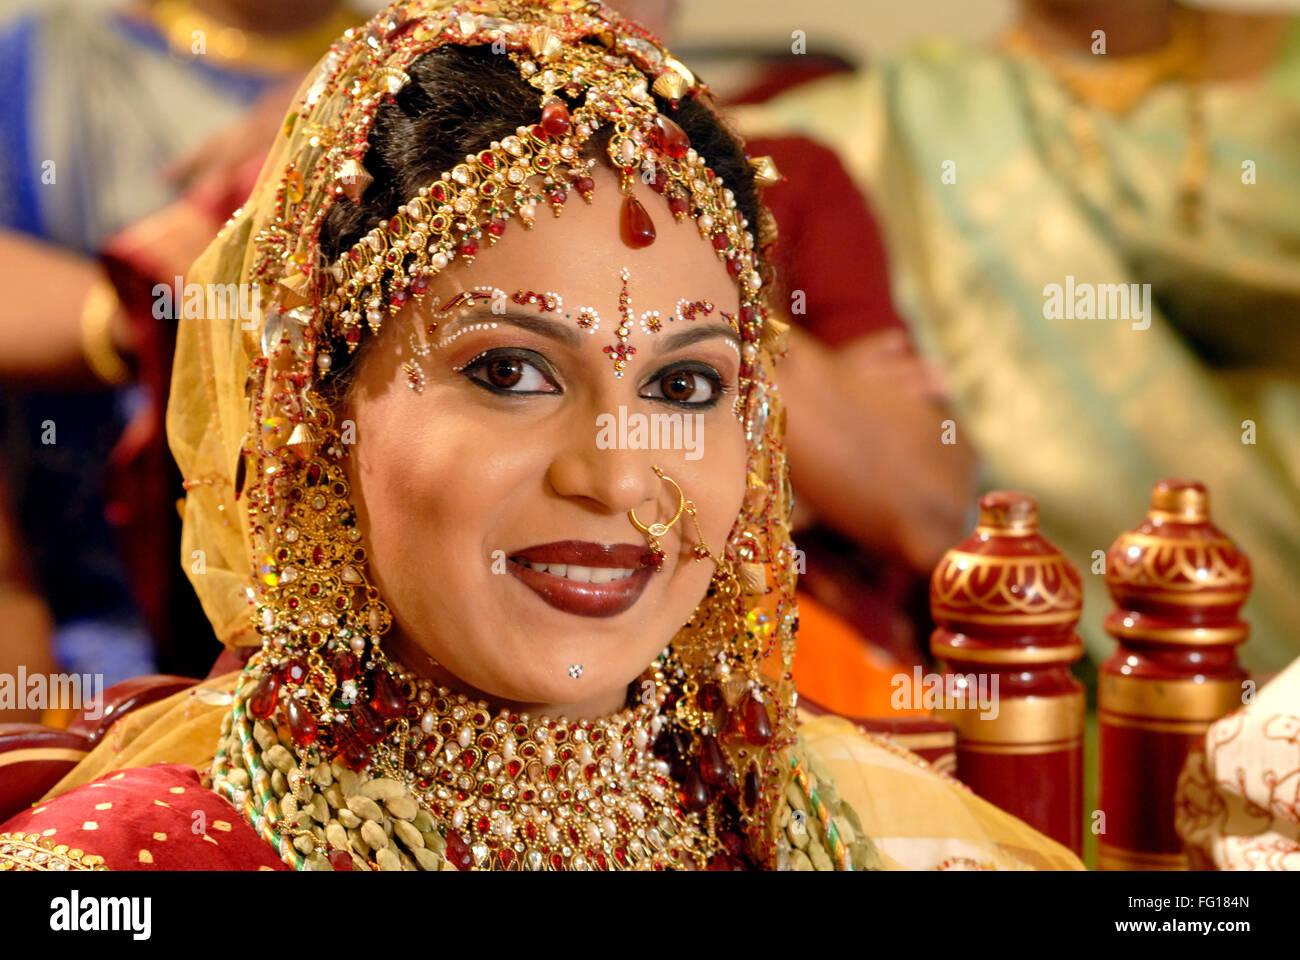 South Asian Indisch Hinduistischen Hochzeitszeremonie Braut